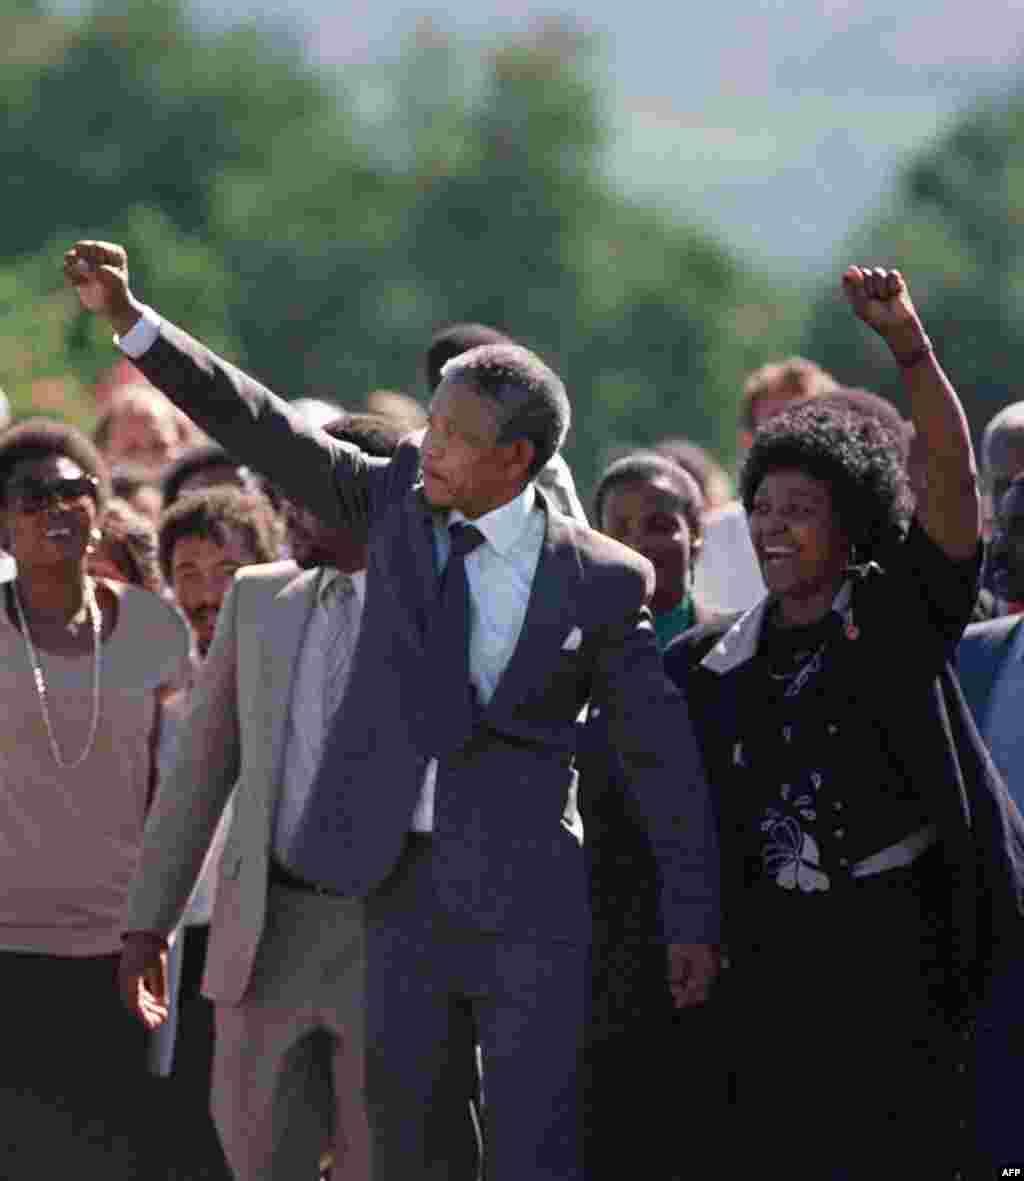 1990 წლის 11 თებერვალი, ნელსონ მანდელას გათავისუფლების დღე. ნელსონ და უინი მანდელები თანამემამულეებს ესალმებიან.